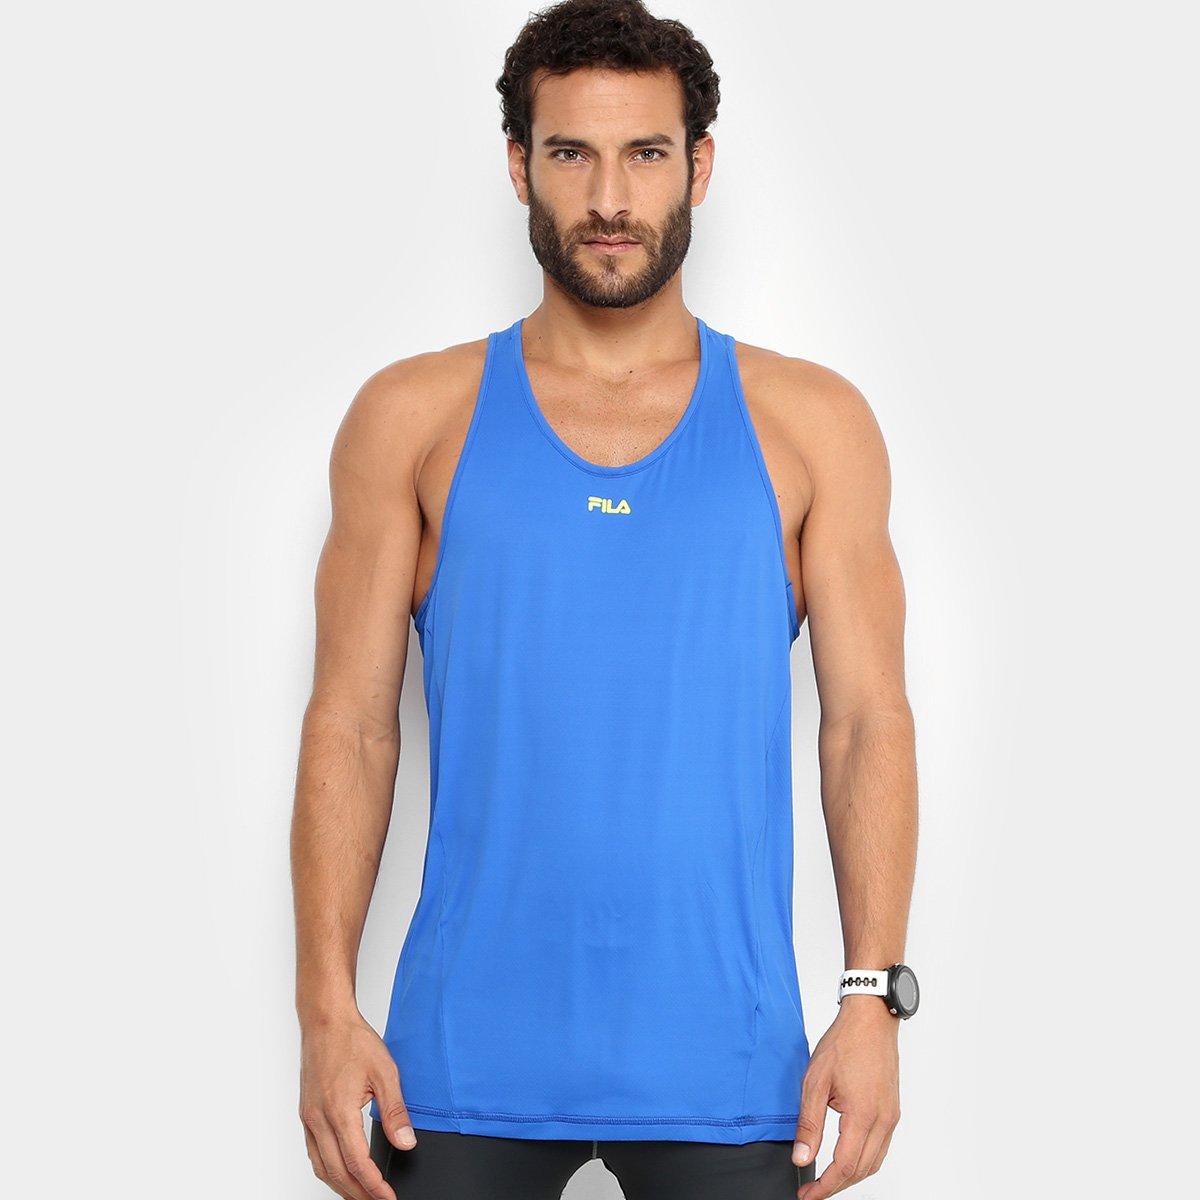 Camiseta Regata Fila Bio - Azul Royal e Azul - Compre Agora  795395e5de4